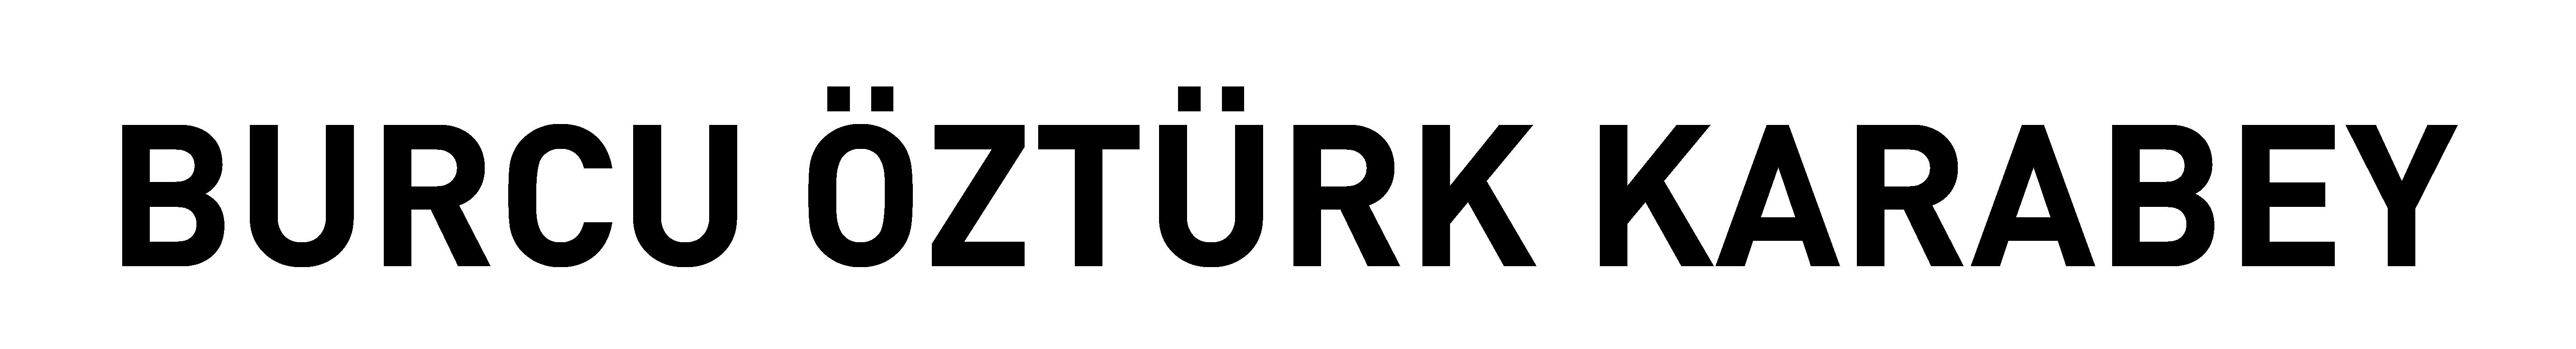 Burcu Öztürk Karabey